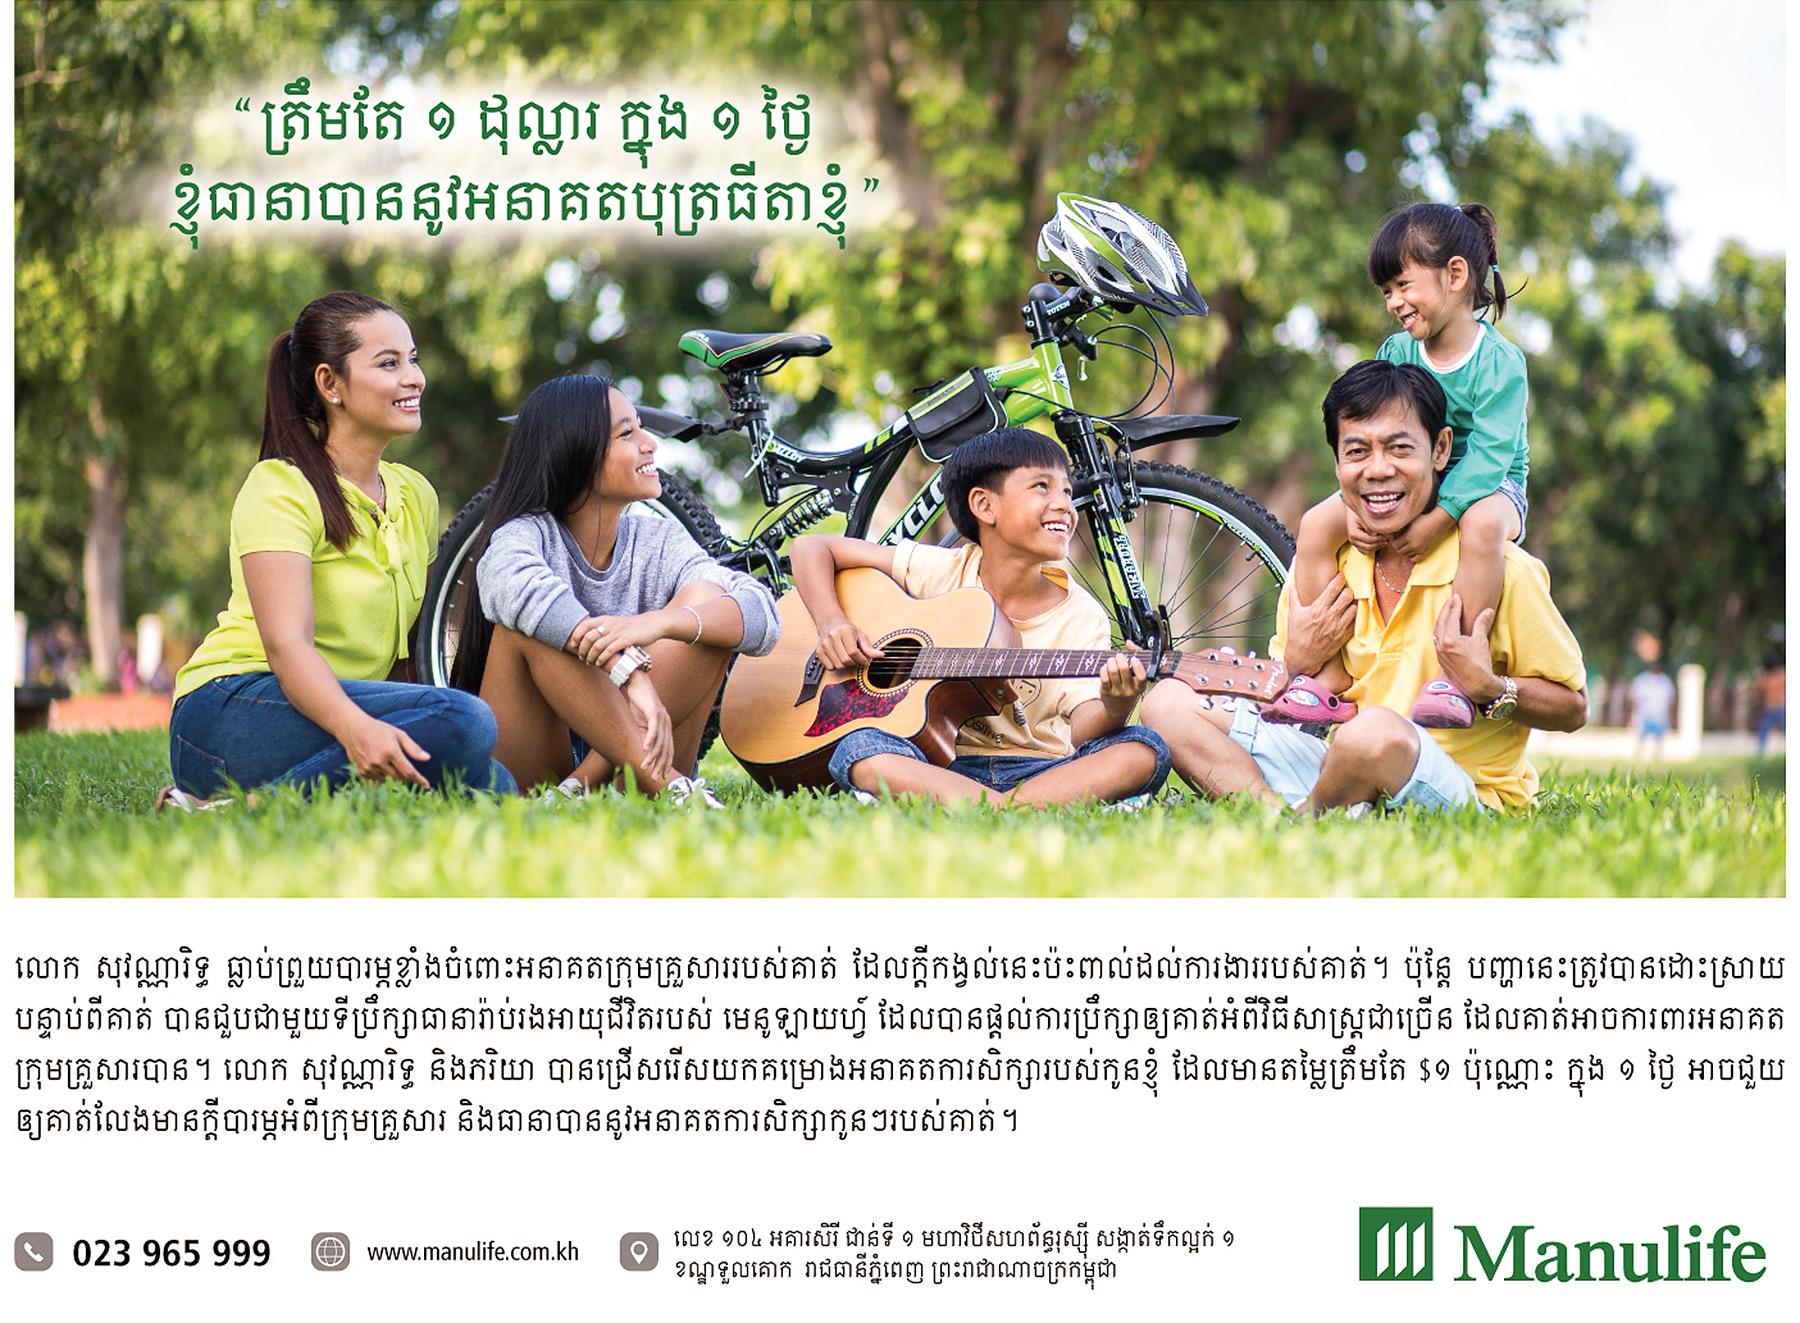 Manulife print ad